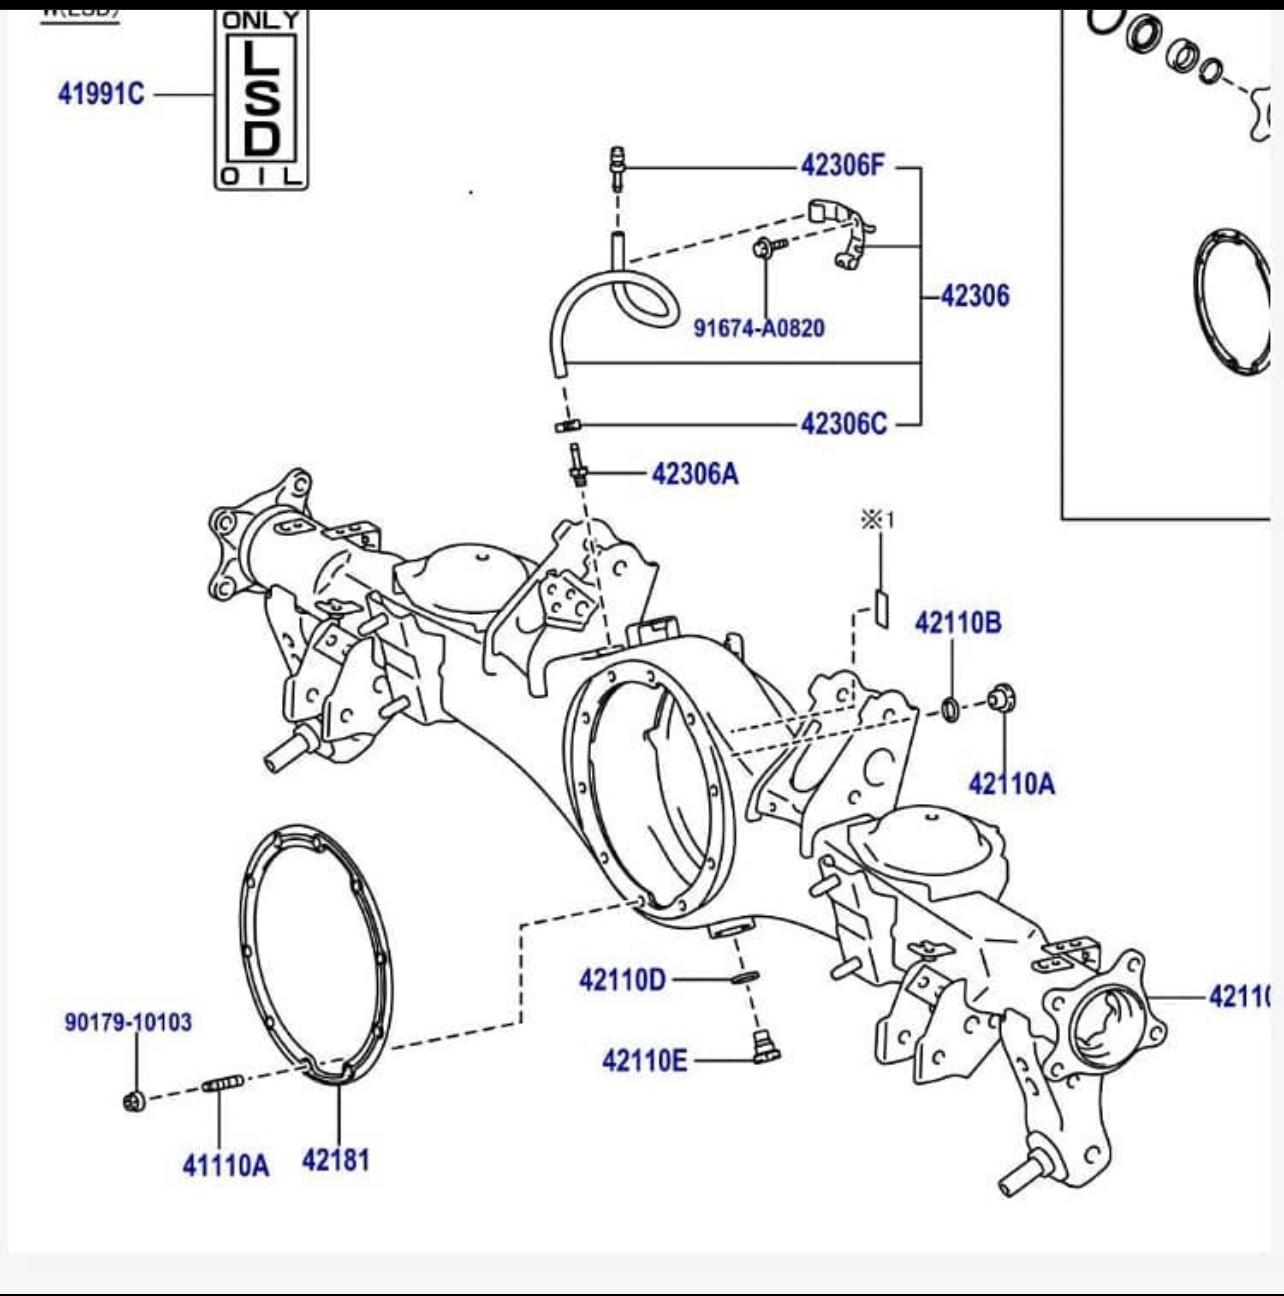 6C05CD0F-9F94-4999-AD49-CDB385BFF599.jpeg